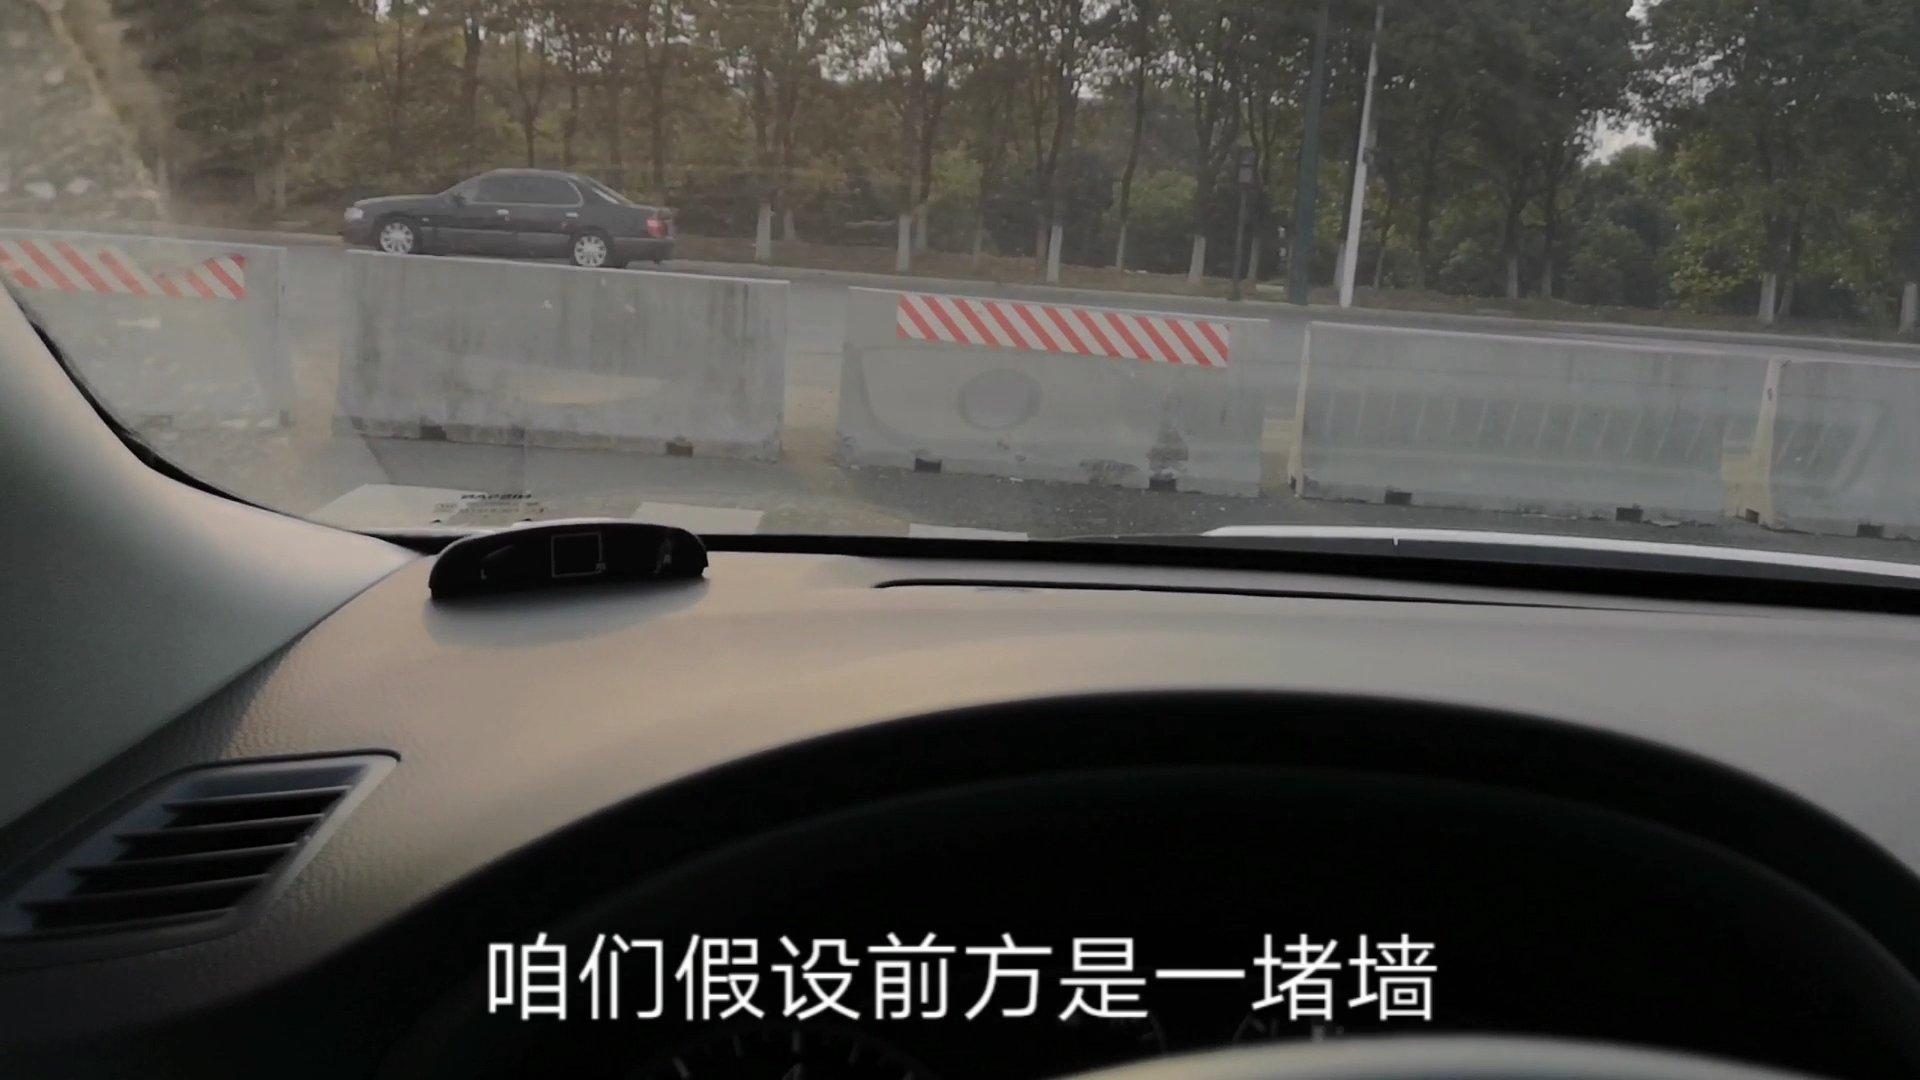 在车内如何判断车头与前方障碍物距离,试试这个方法,很管用